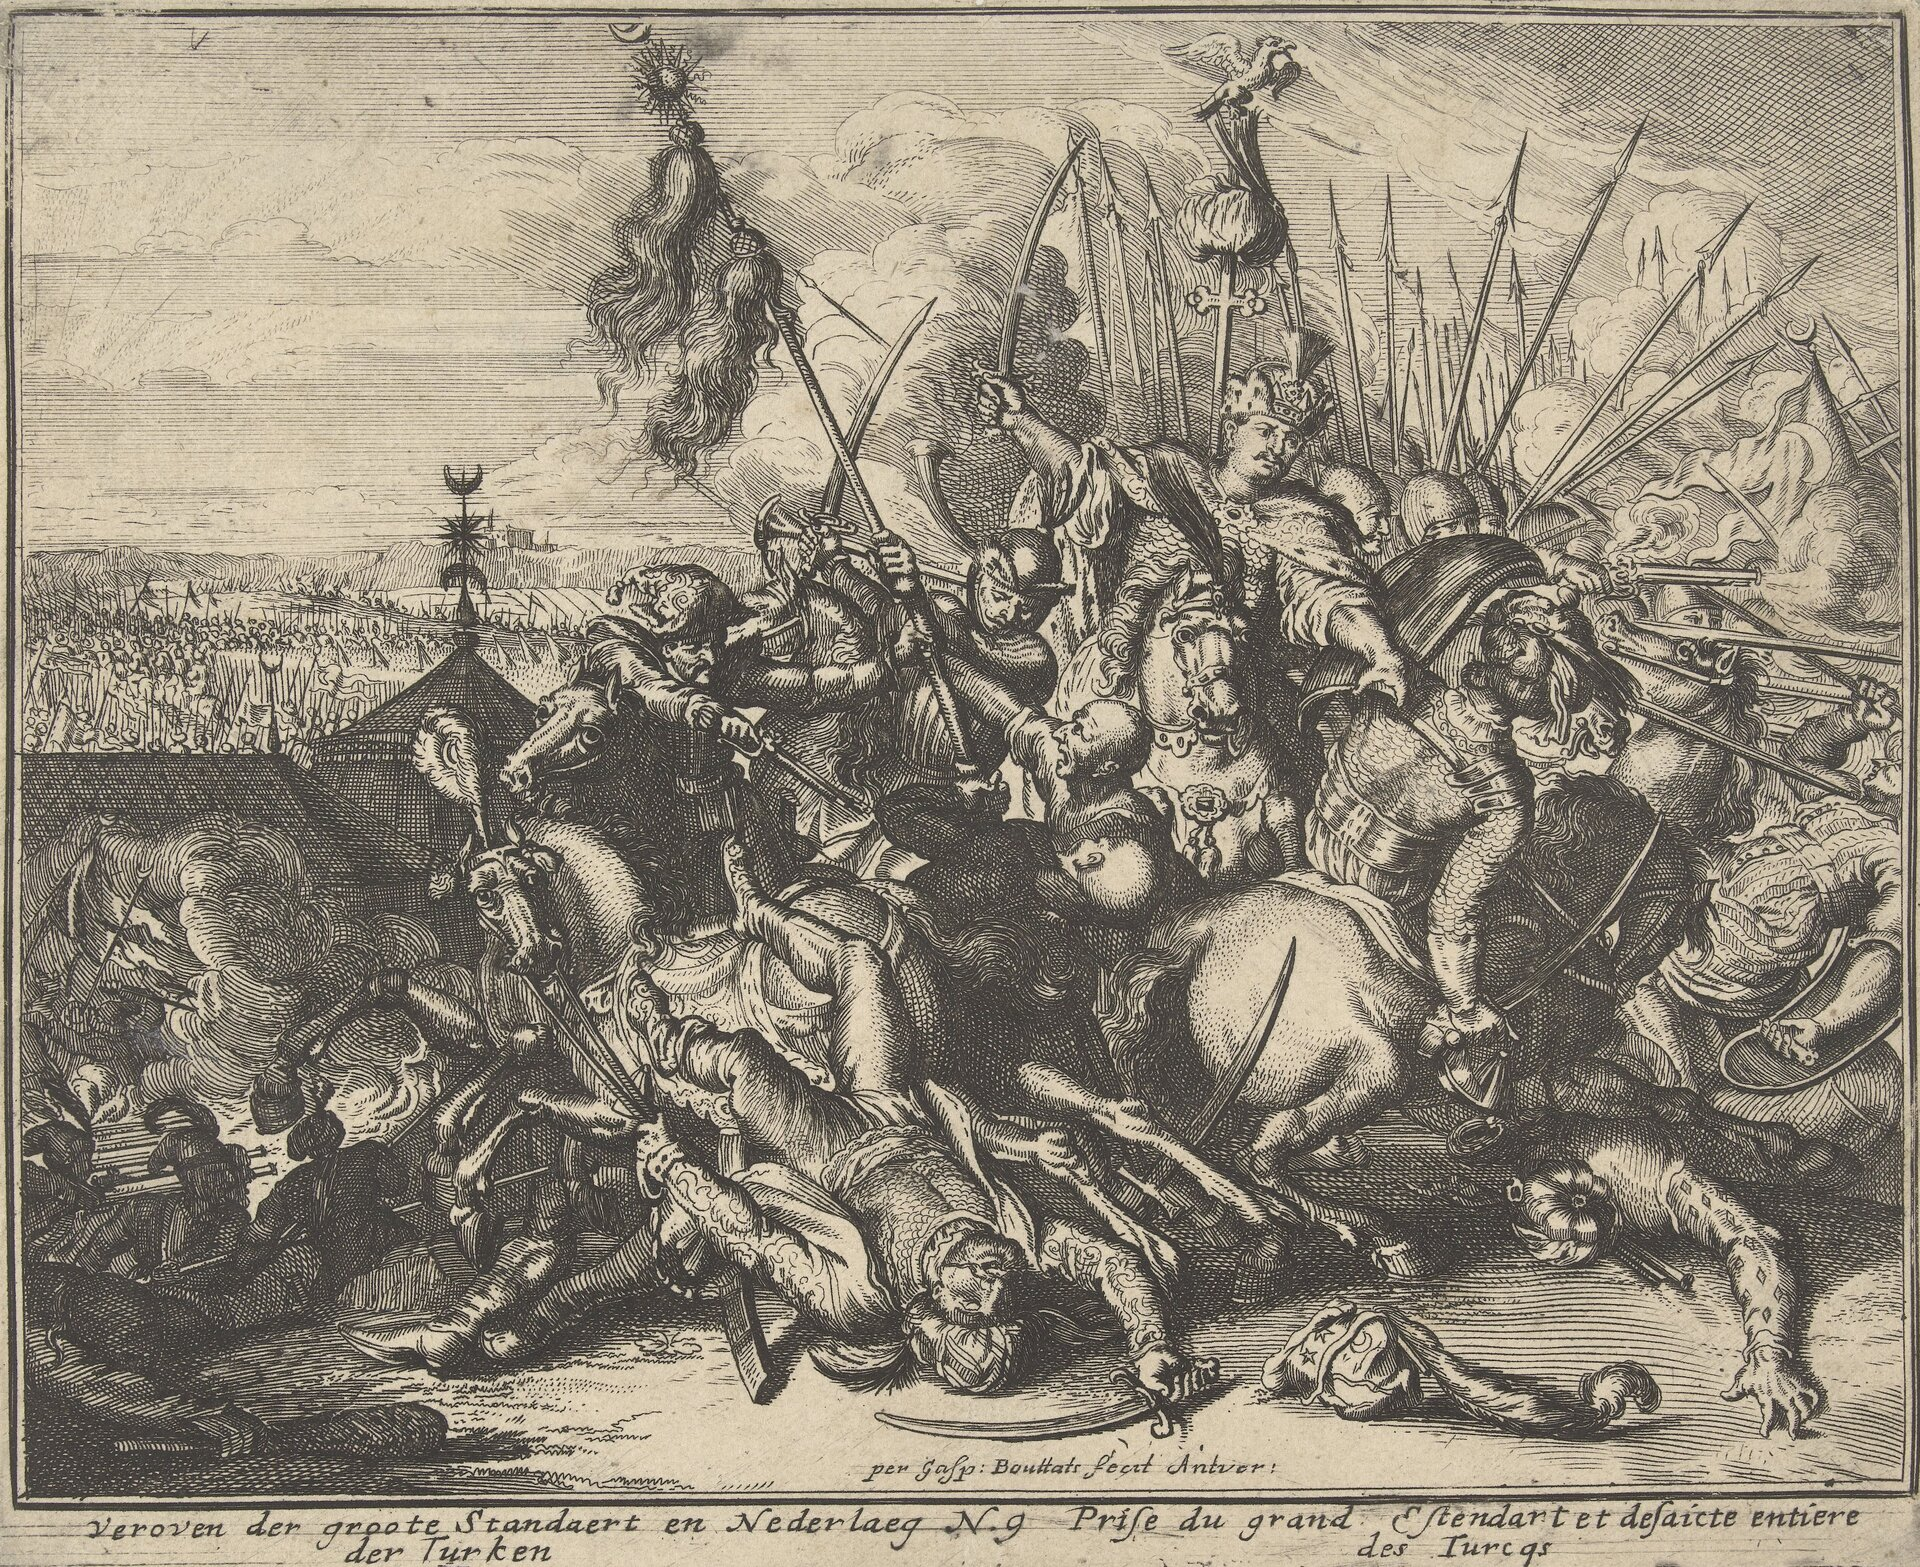 Oblężenie Wiednia 1683 Klęska armii osmańskiej wczasie oblężenia Wiednia. Źródło: Jacob Peeters, Oblężenie Wiednia 1683, 1686, akwaforta, Rijksmuseum (hol. Muzeum Państwowe) wAmsterdamie, domena publiczna.